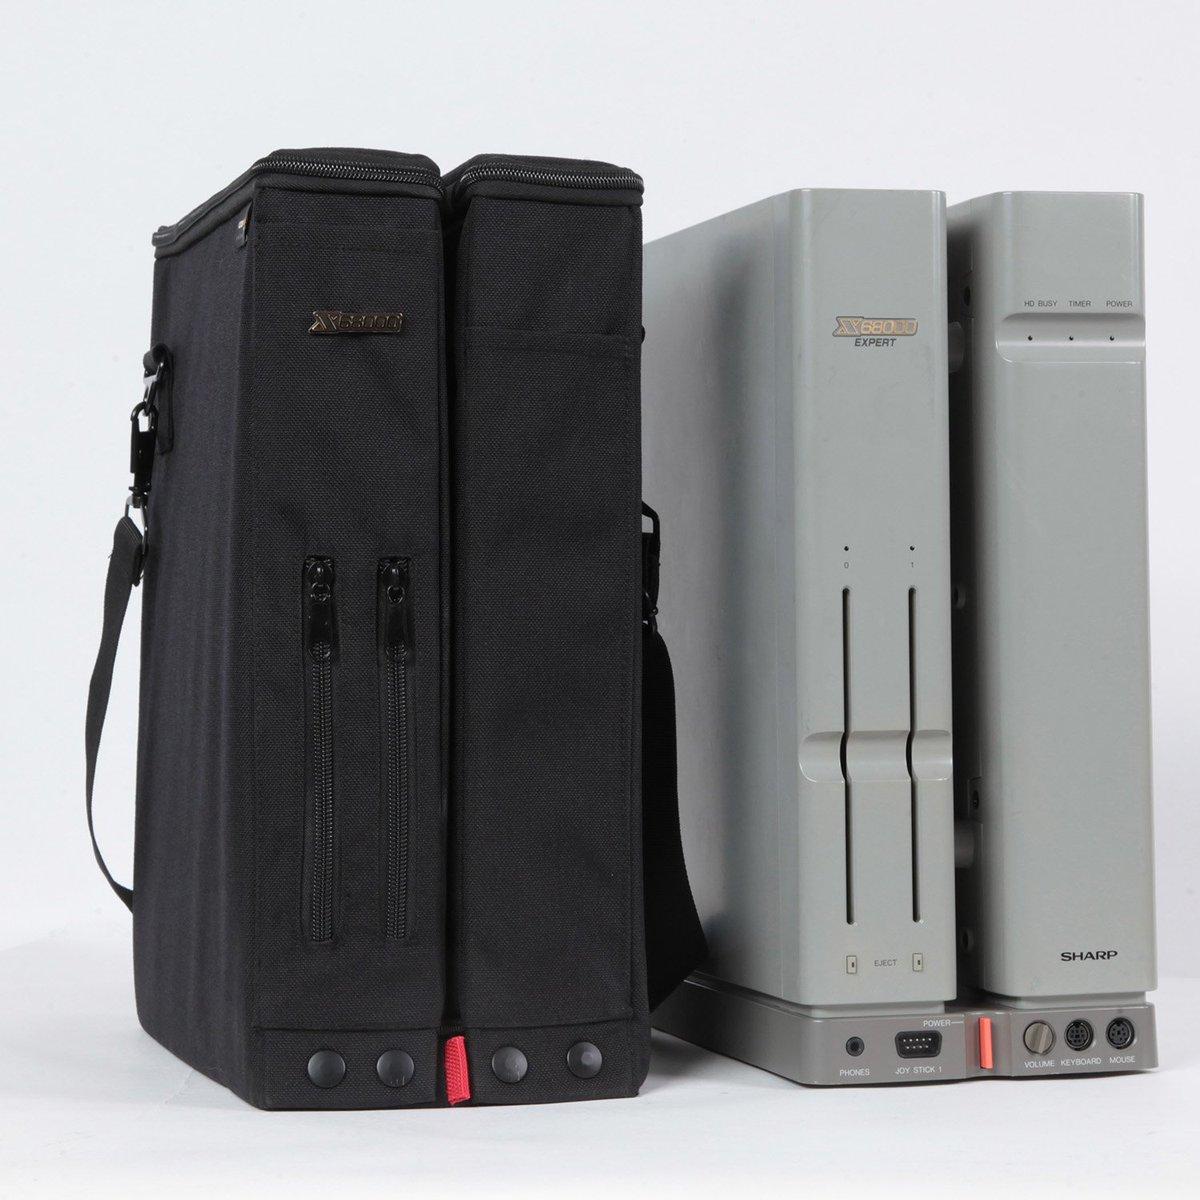 「X68000」型ショルダーバッグ『CZ-600Bag』